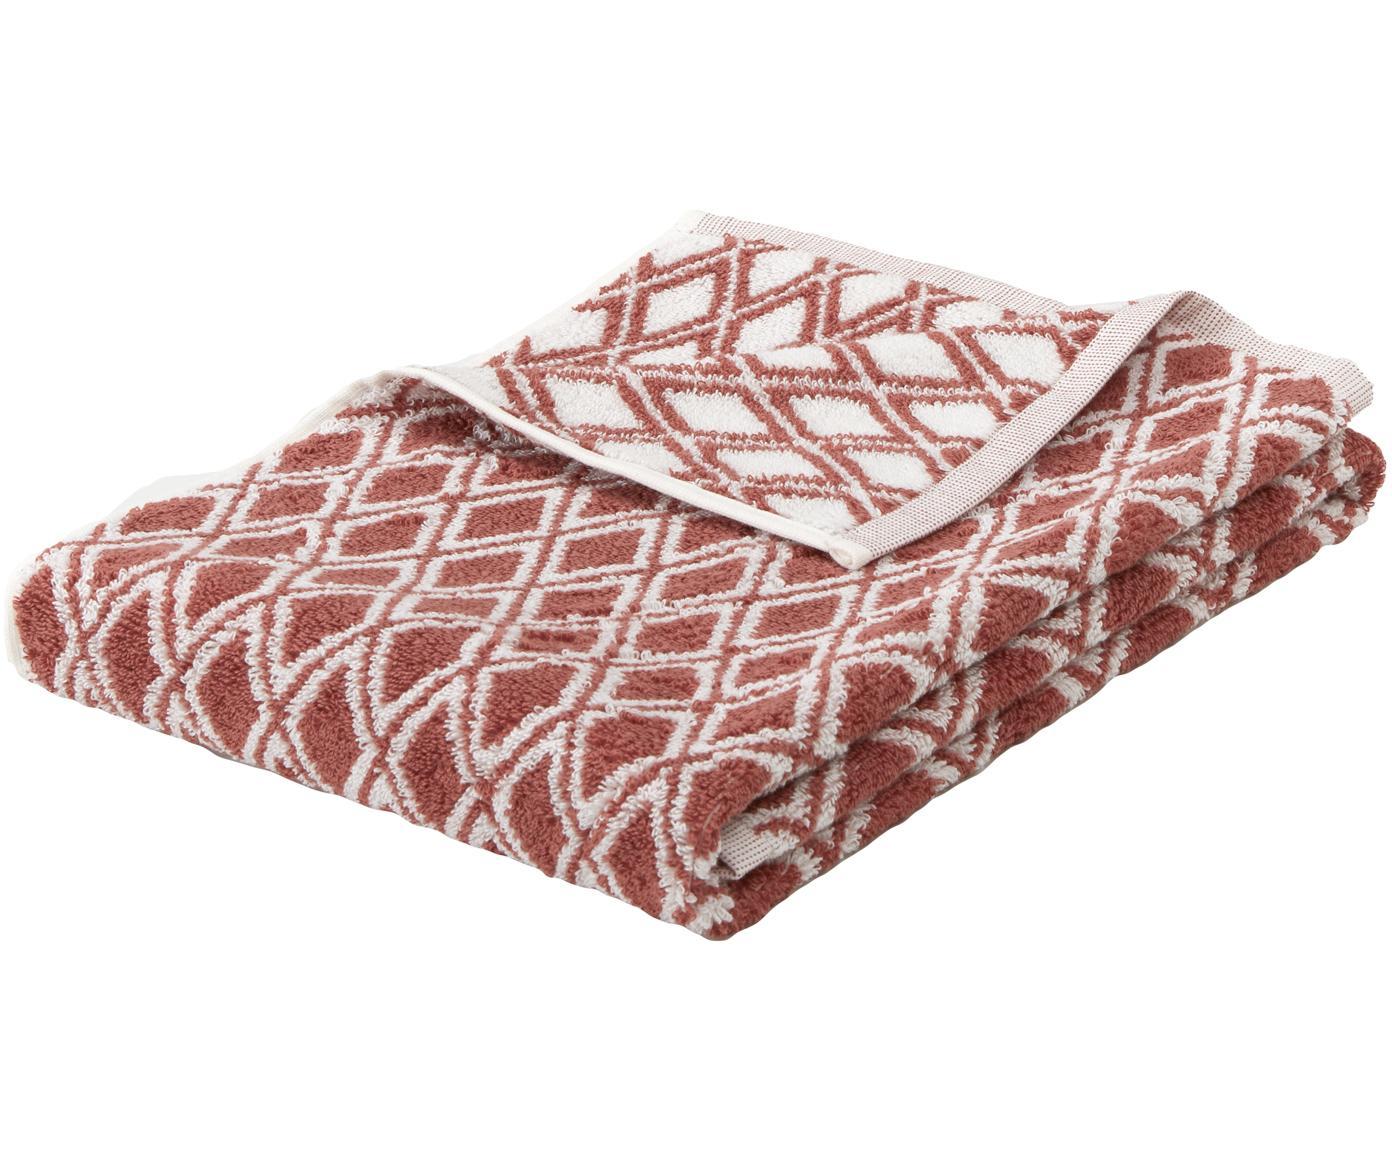 Dwustronny ręcznik Ava, Terakota, kremowobiały, Ręcznik do rąk